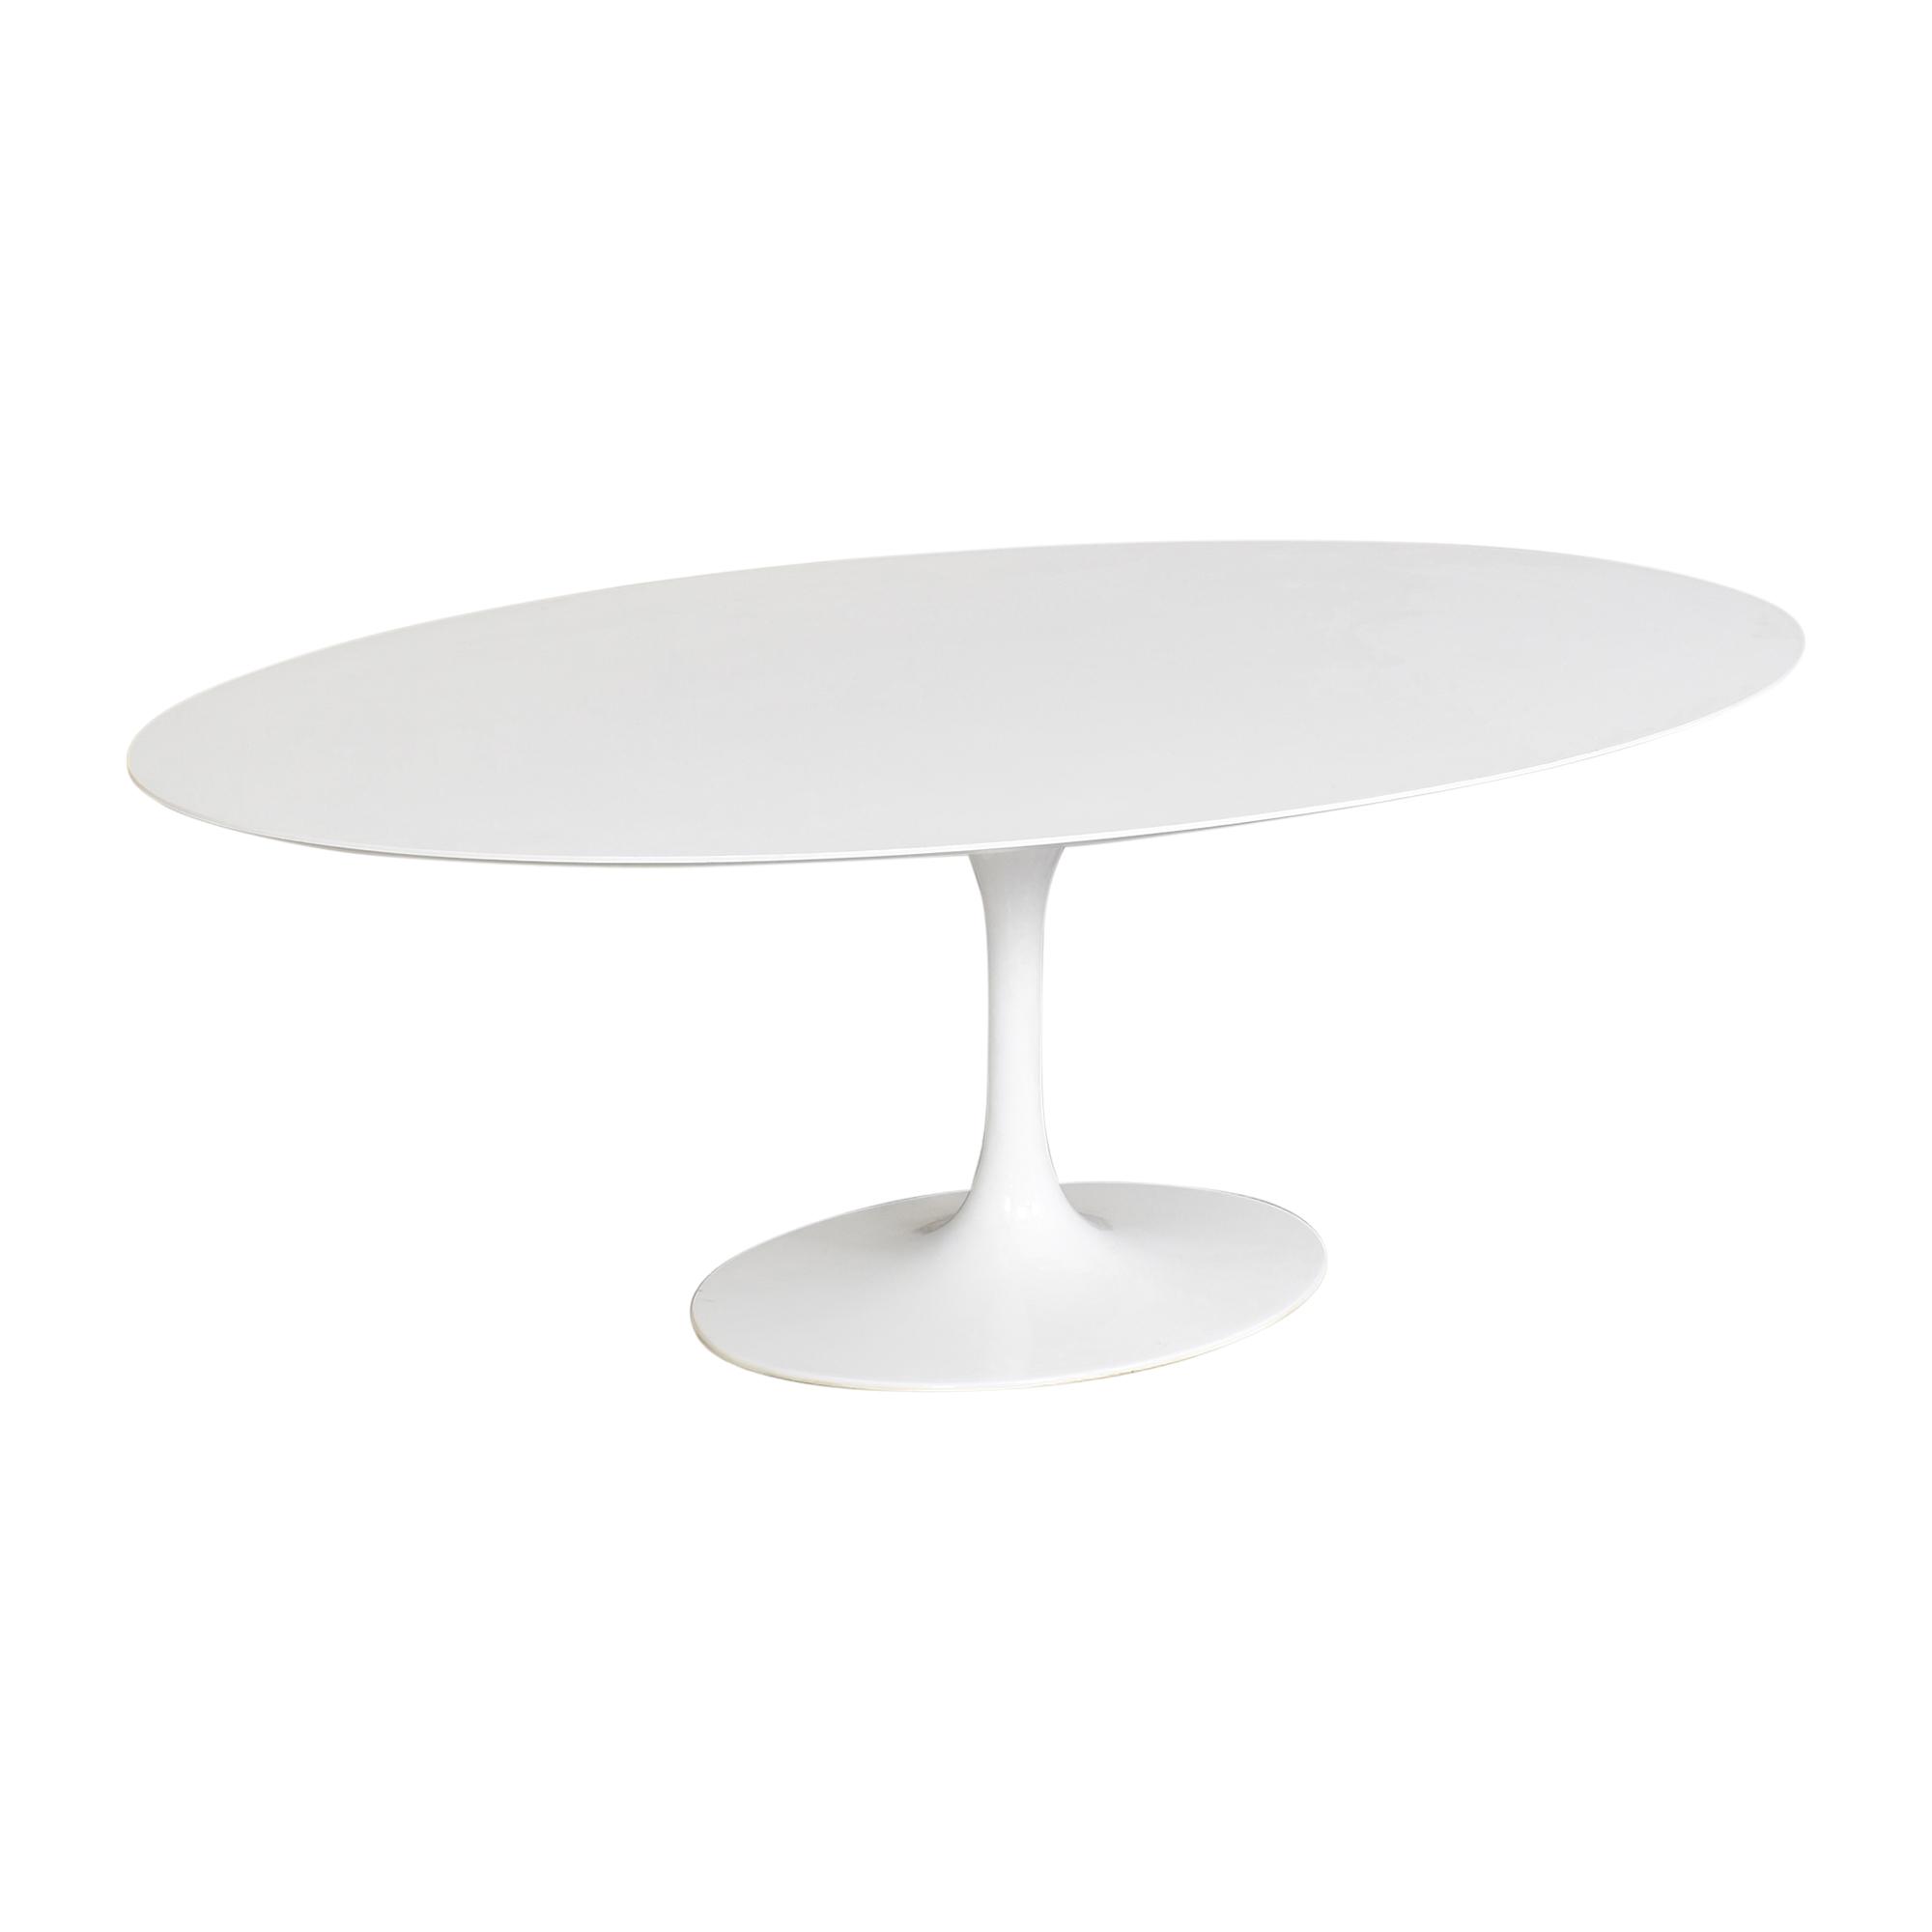 AllModern AllModern Bromyard Oval Dining Table ct